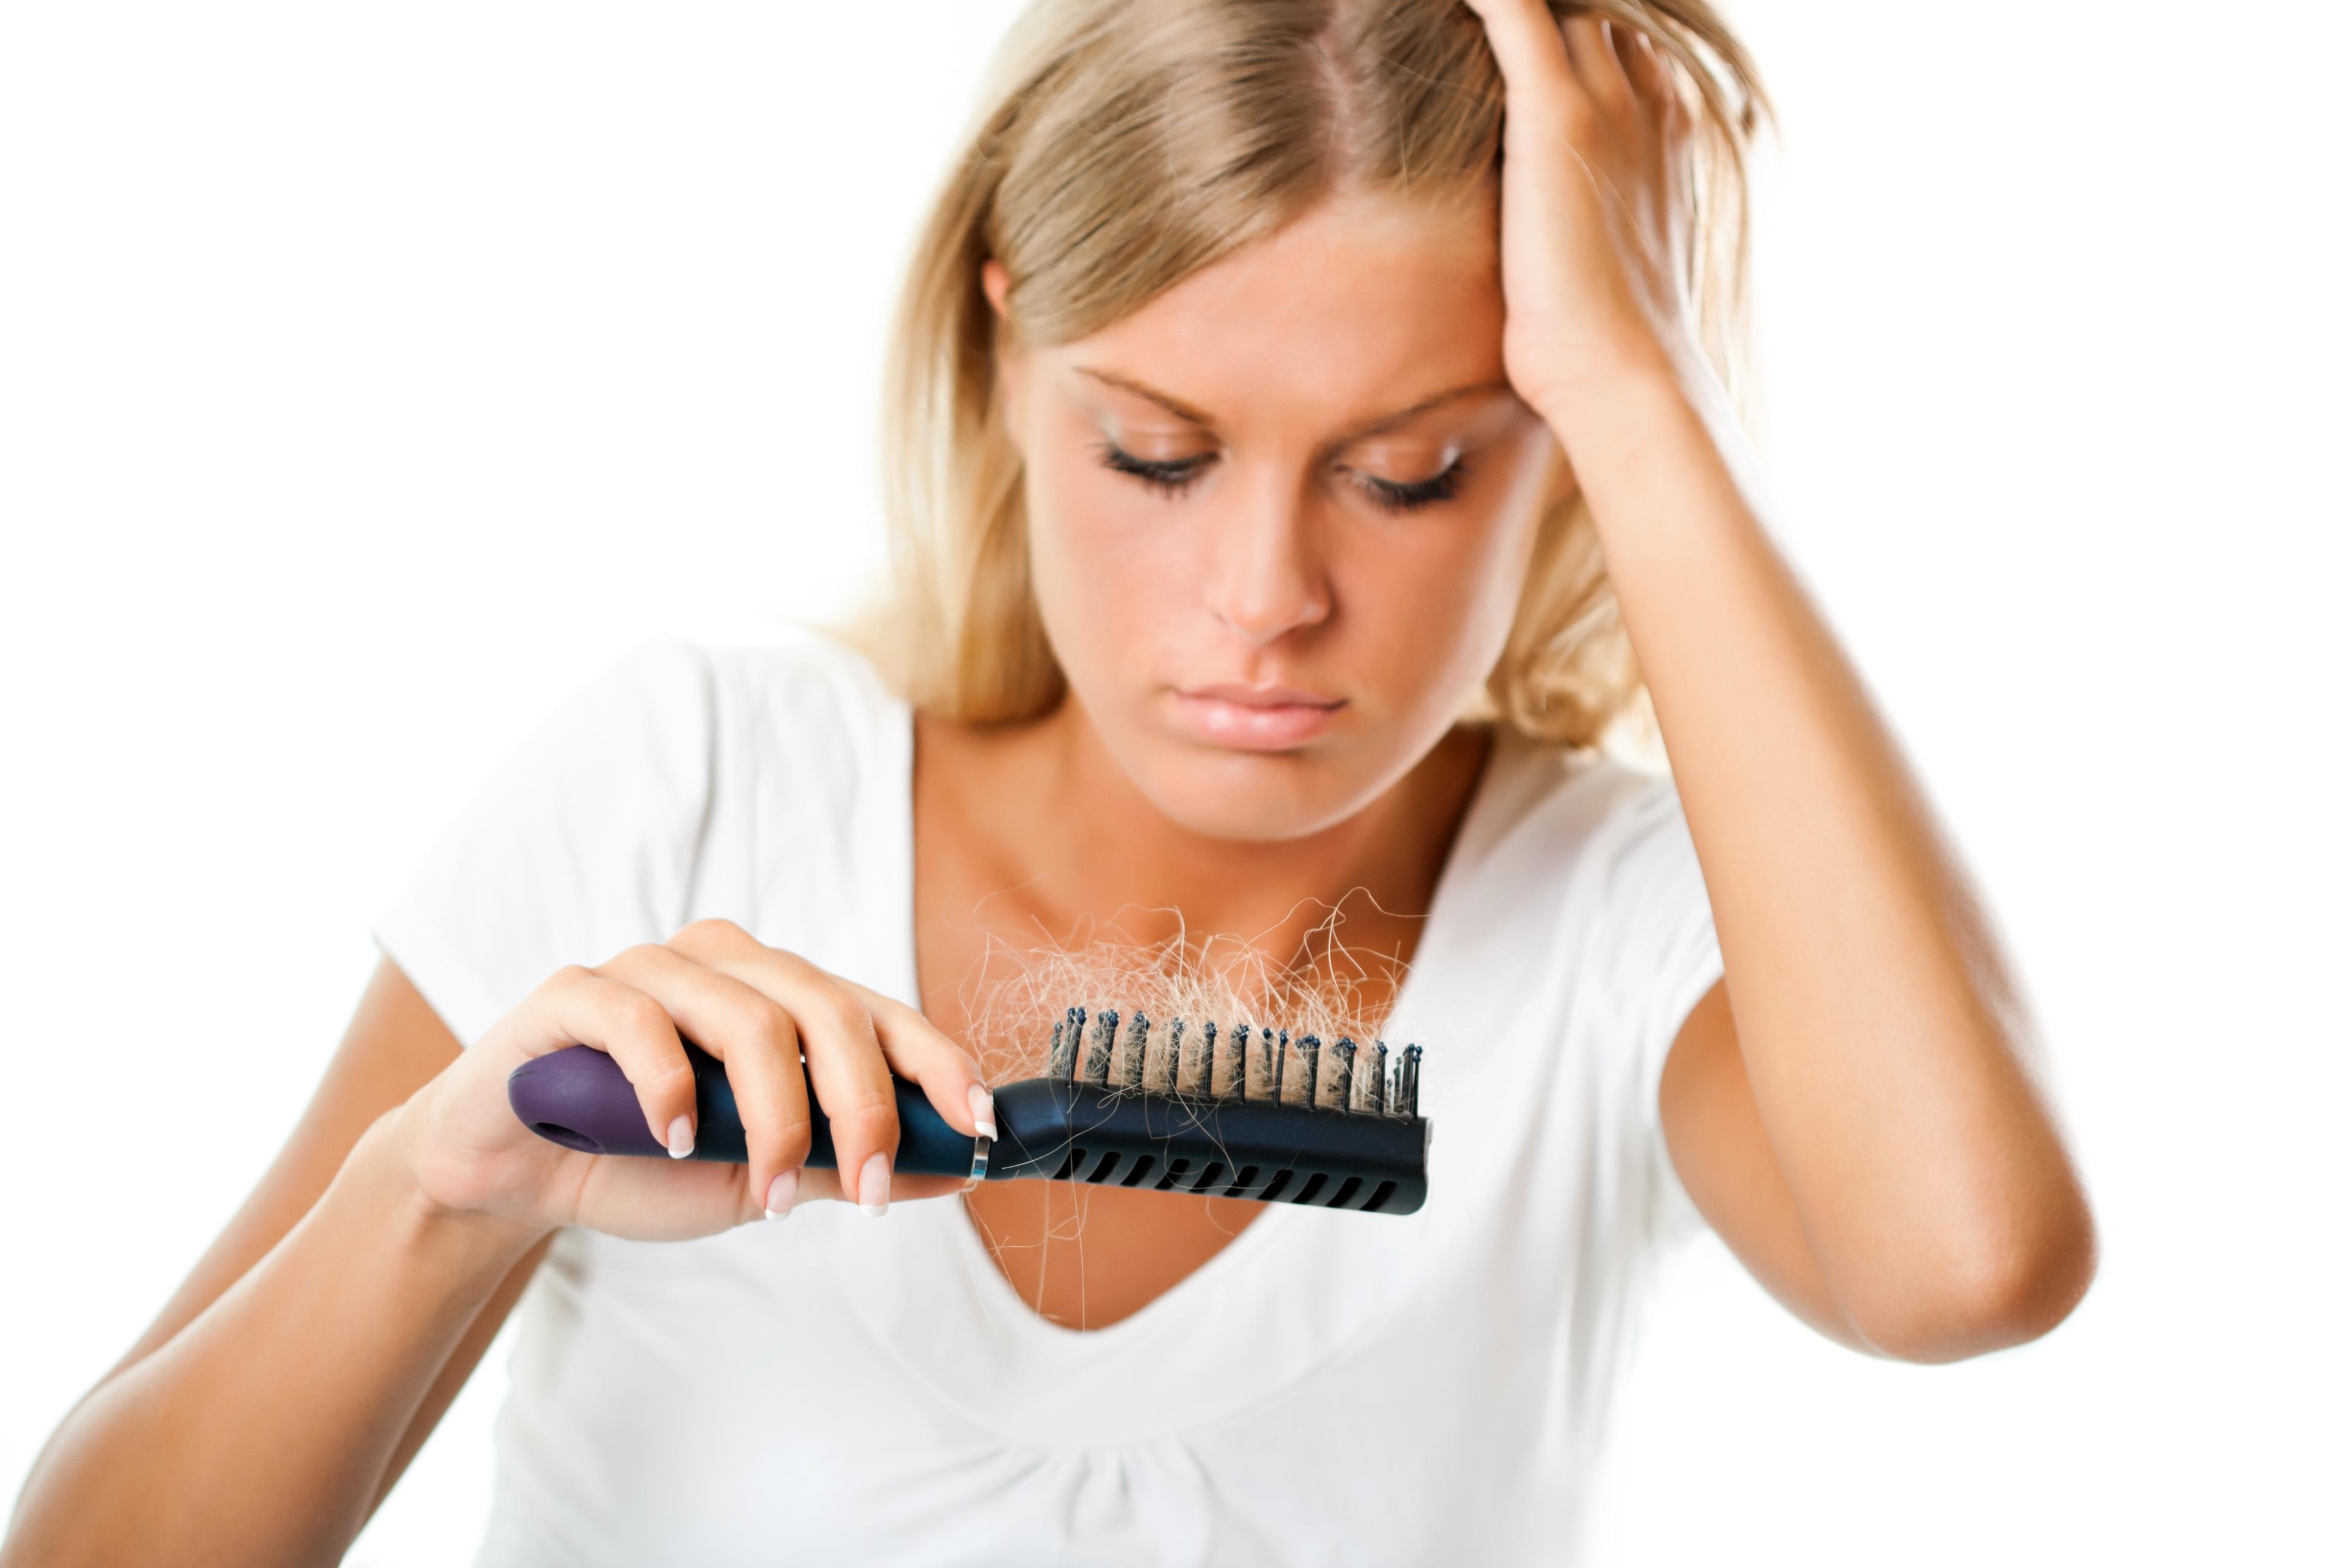 ¿Secarse o plancharse el pelo favorece la alopecia?